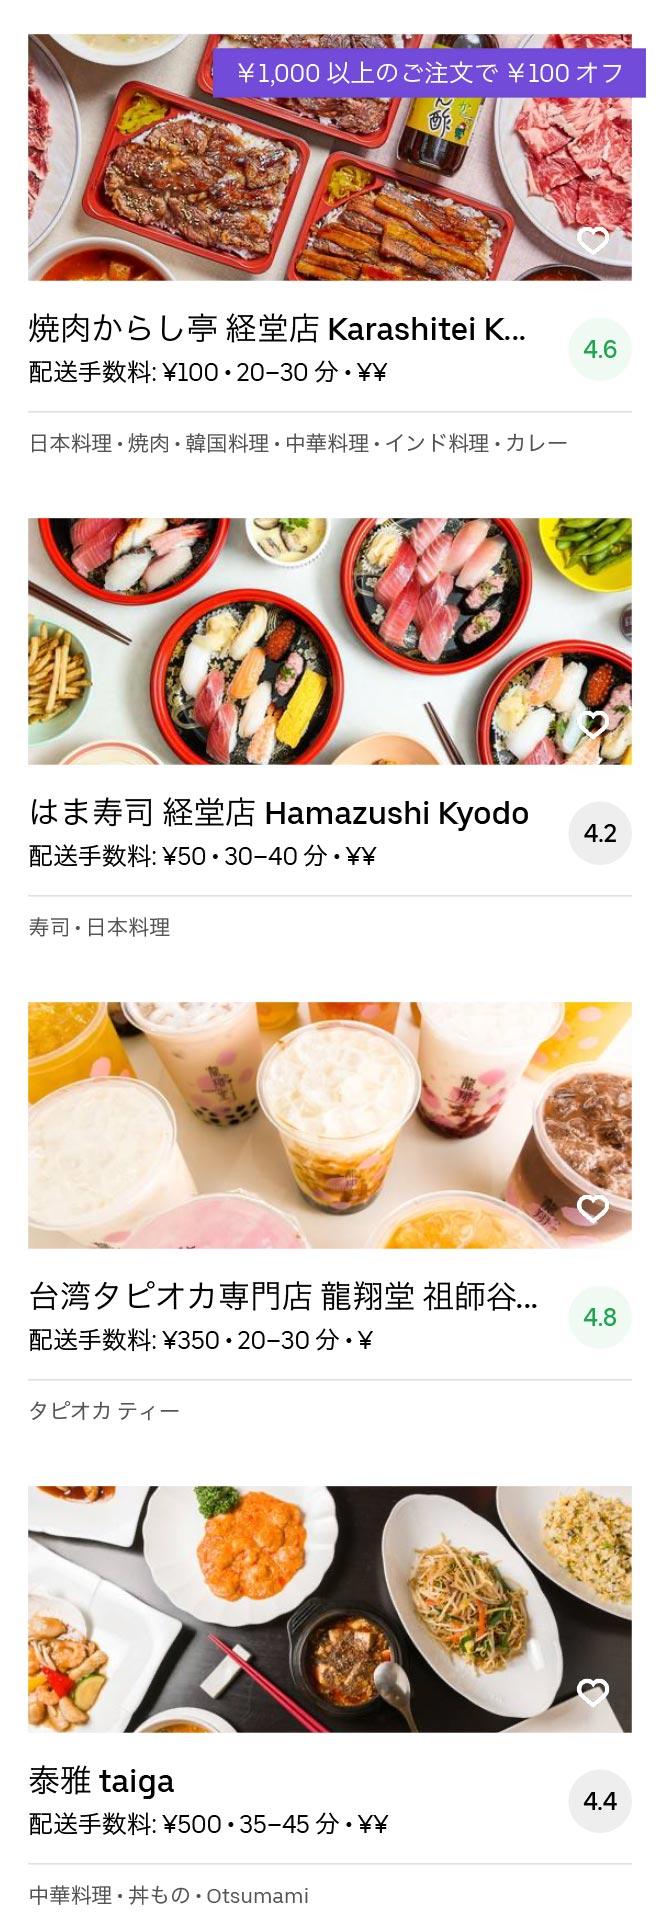 Tokyo kyodo menu 2005 06